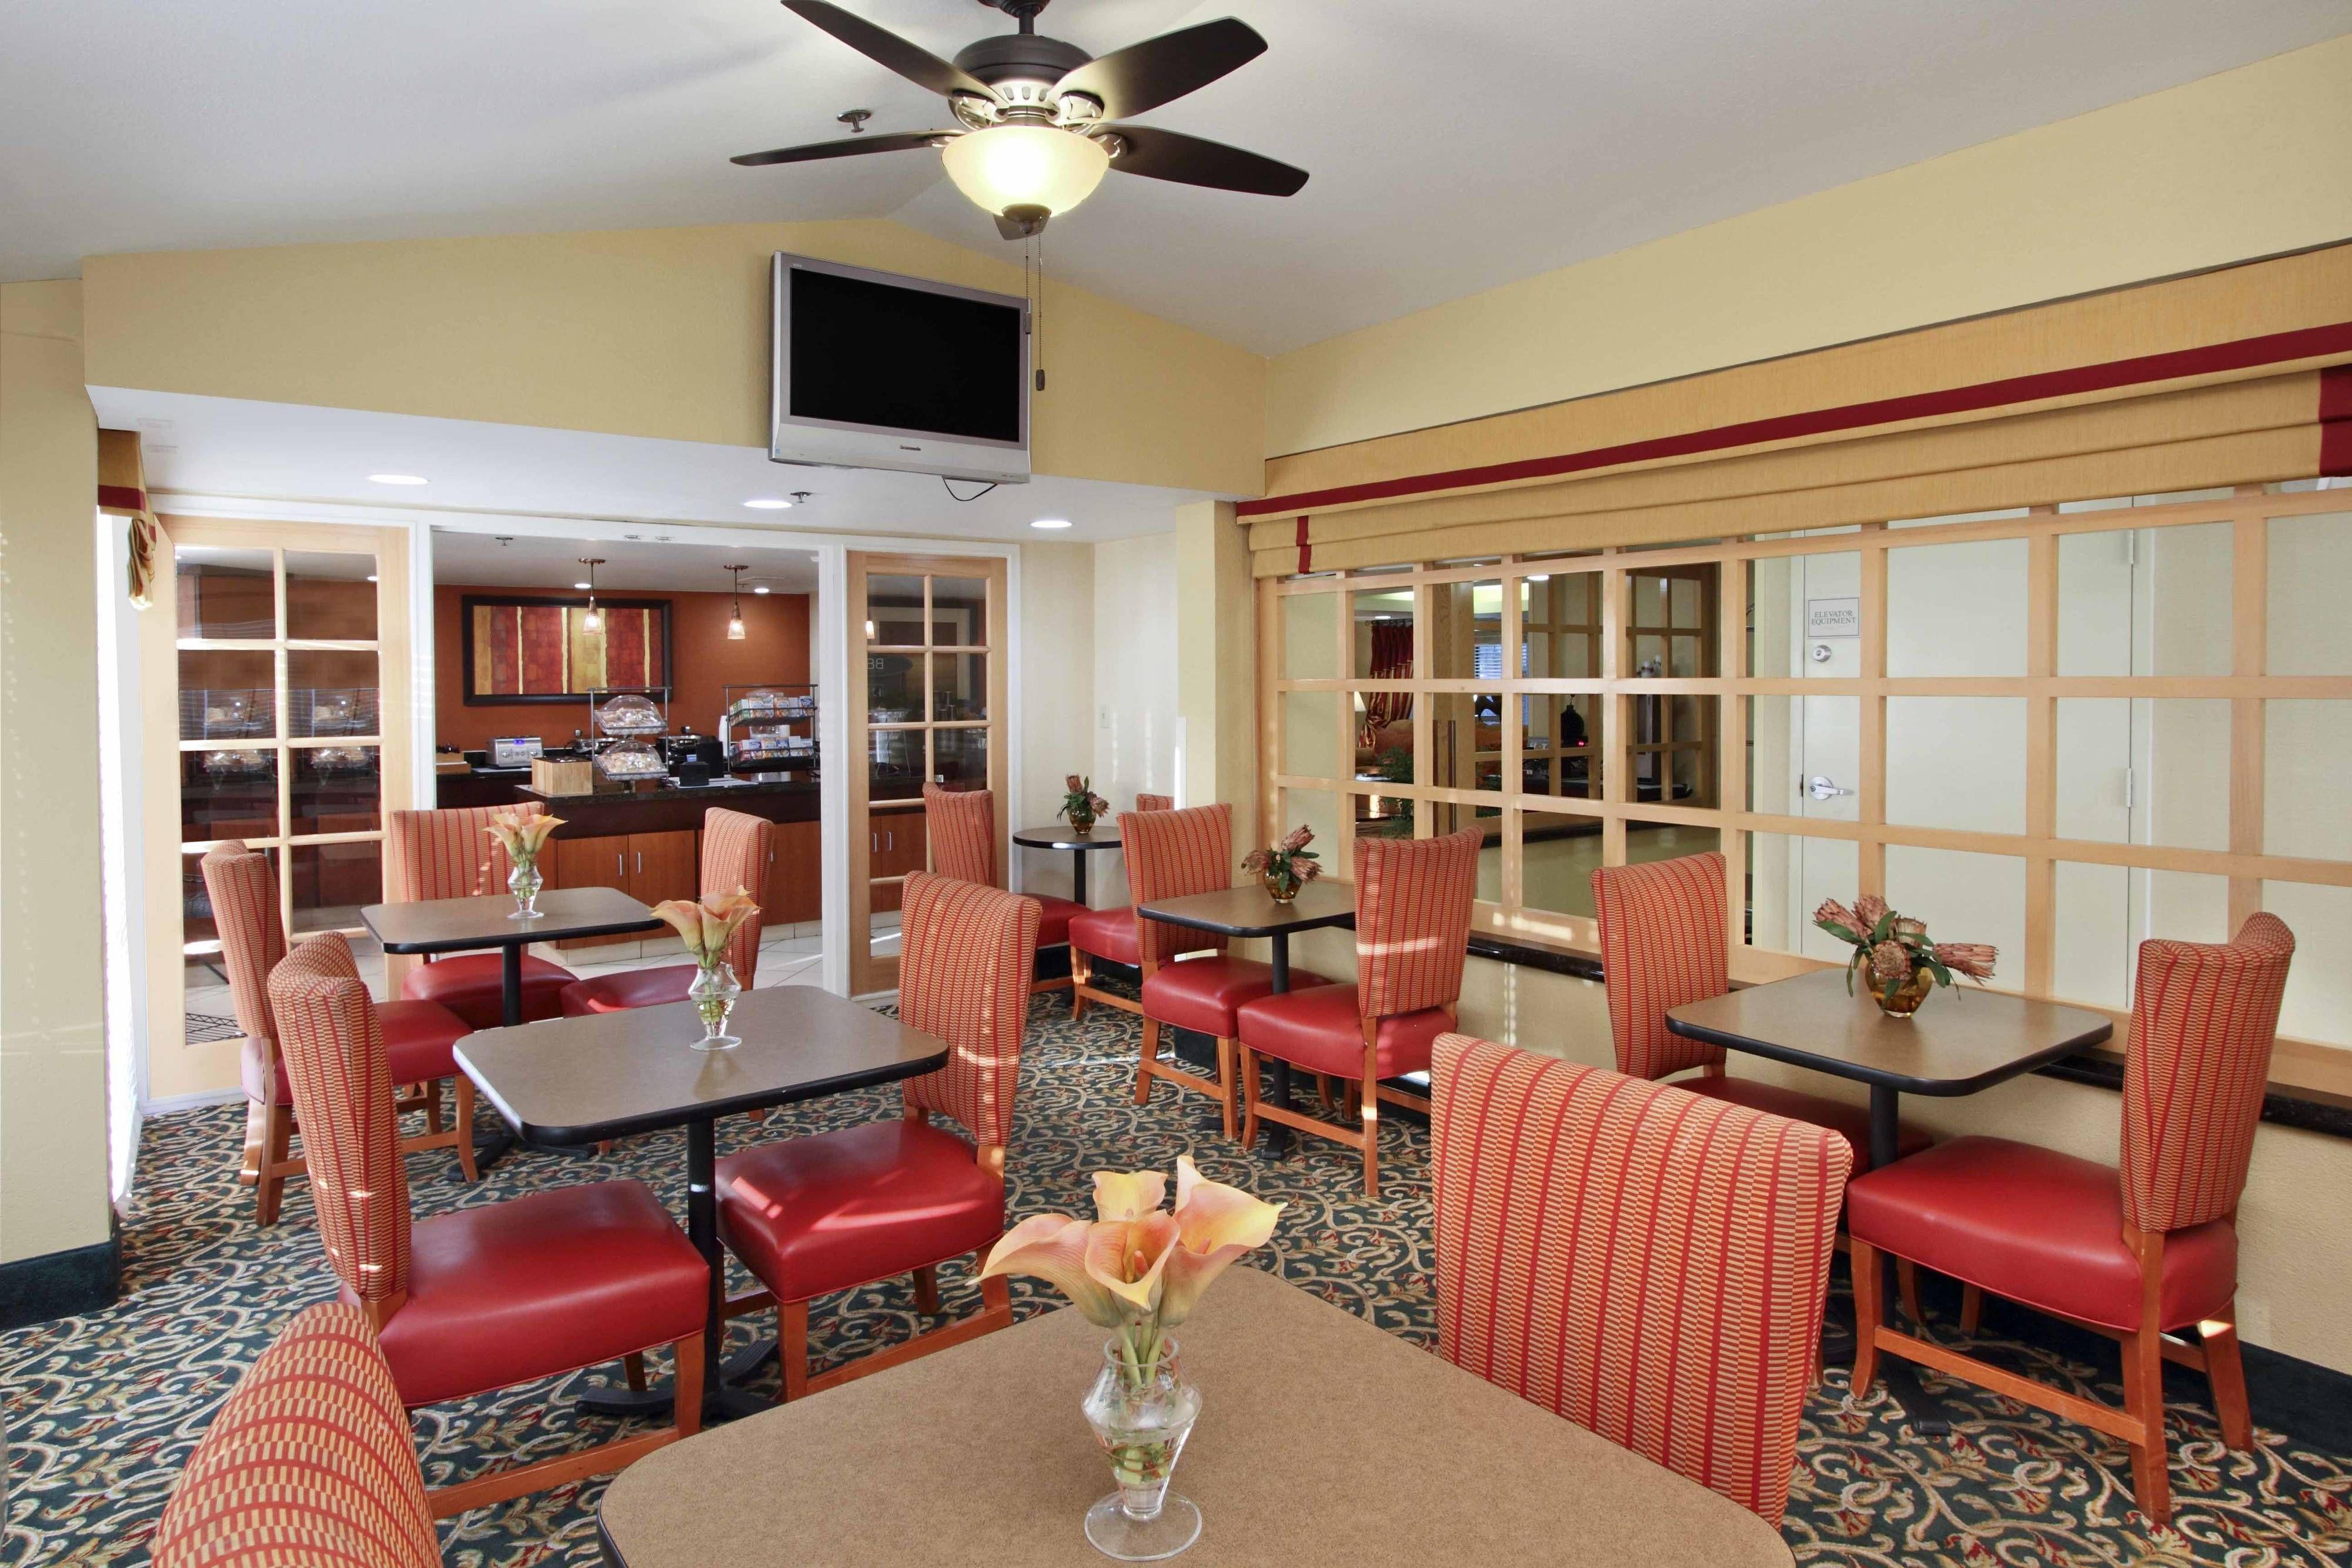 Fairfield Inn Scottsdale North Breakfast Dining Area